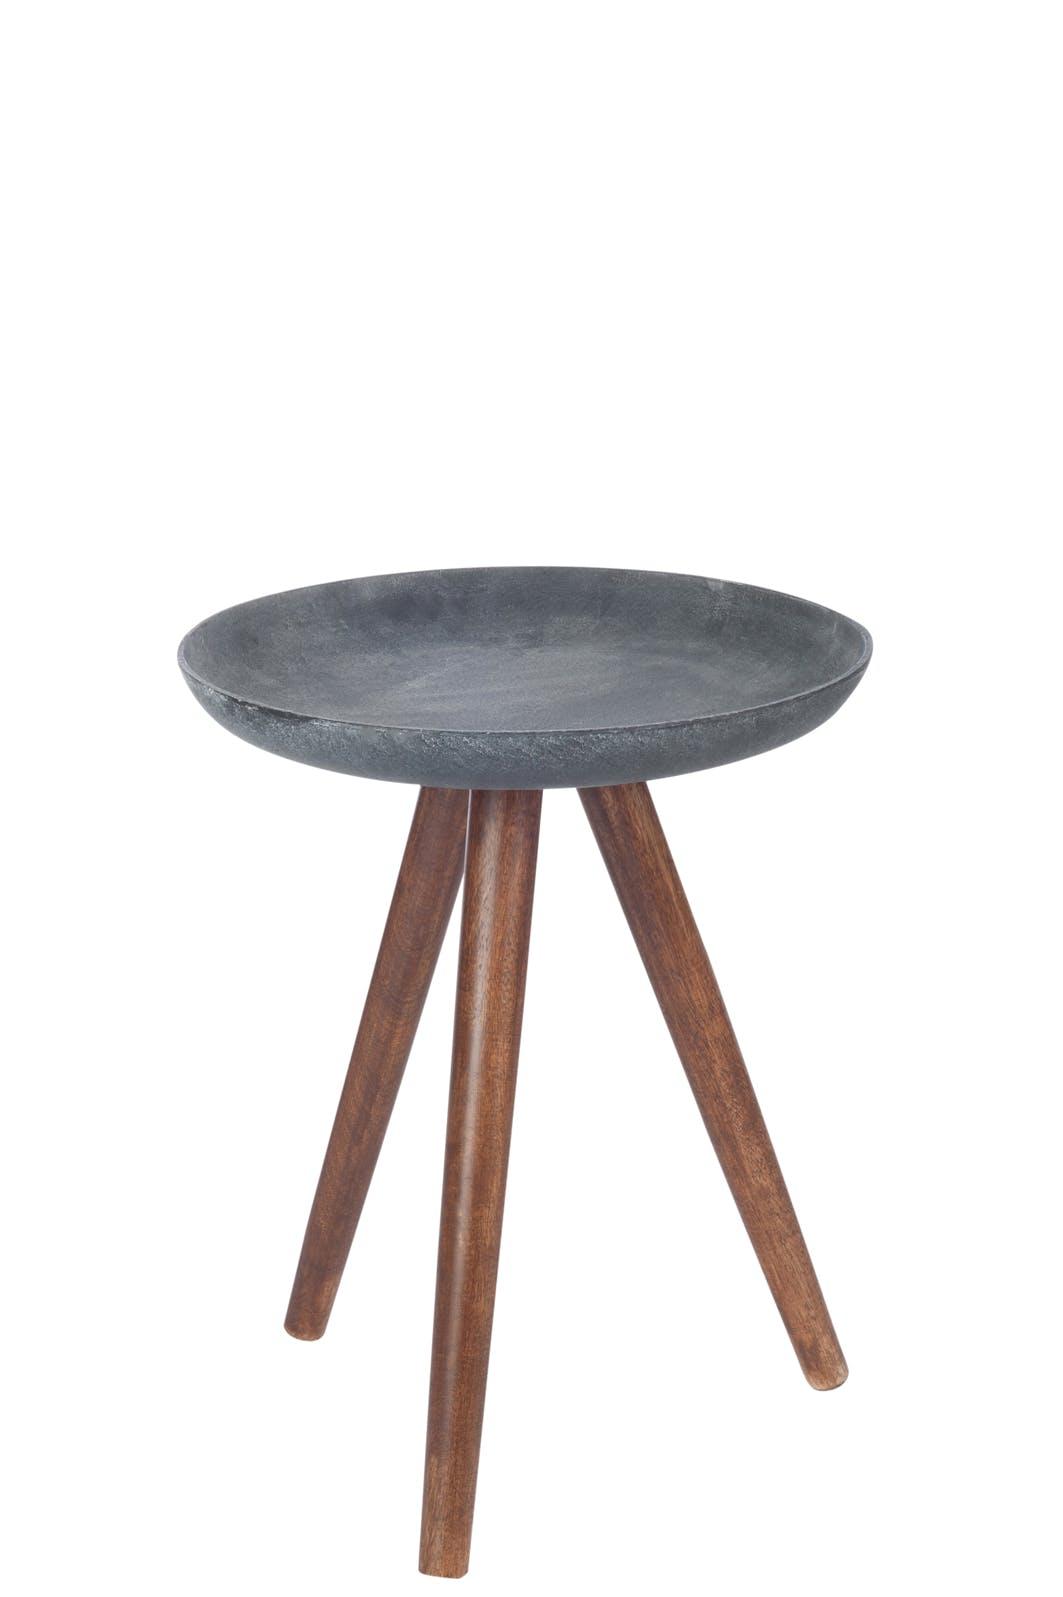 Table d'appoint métal gris foncé, trépied bois - D35 H43cm